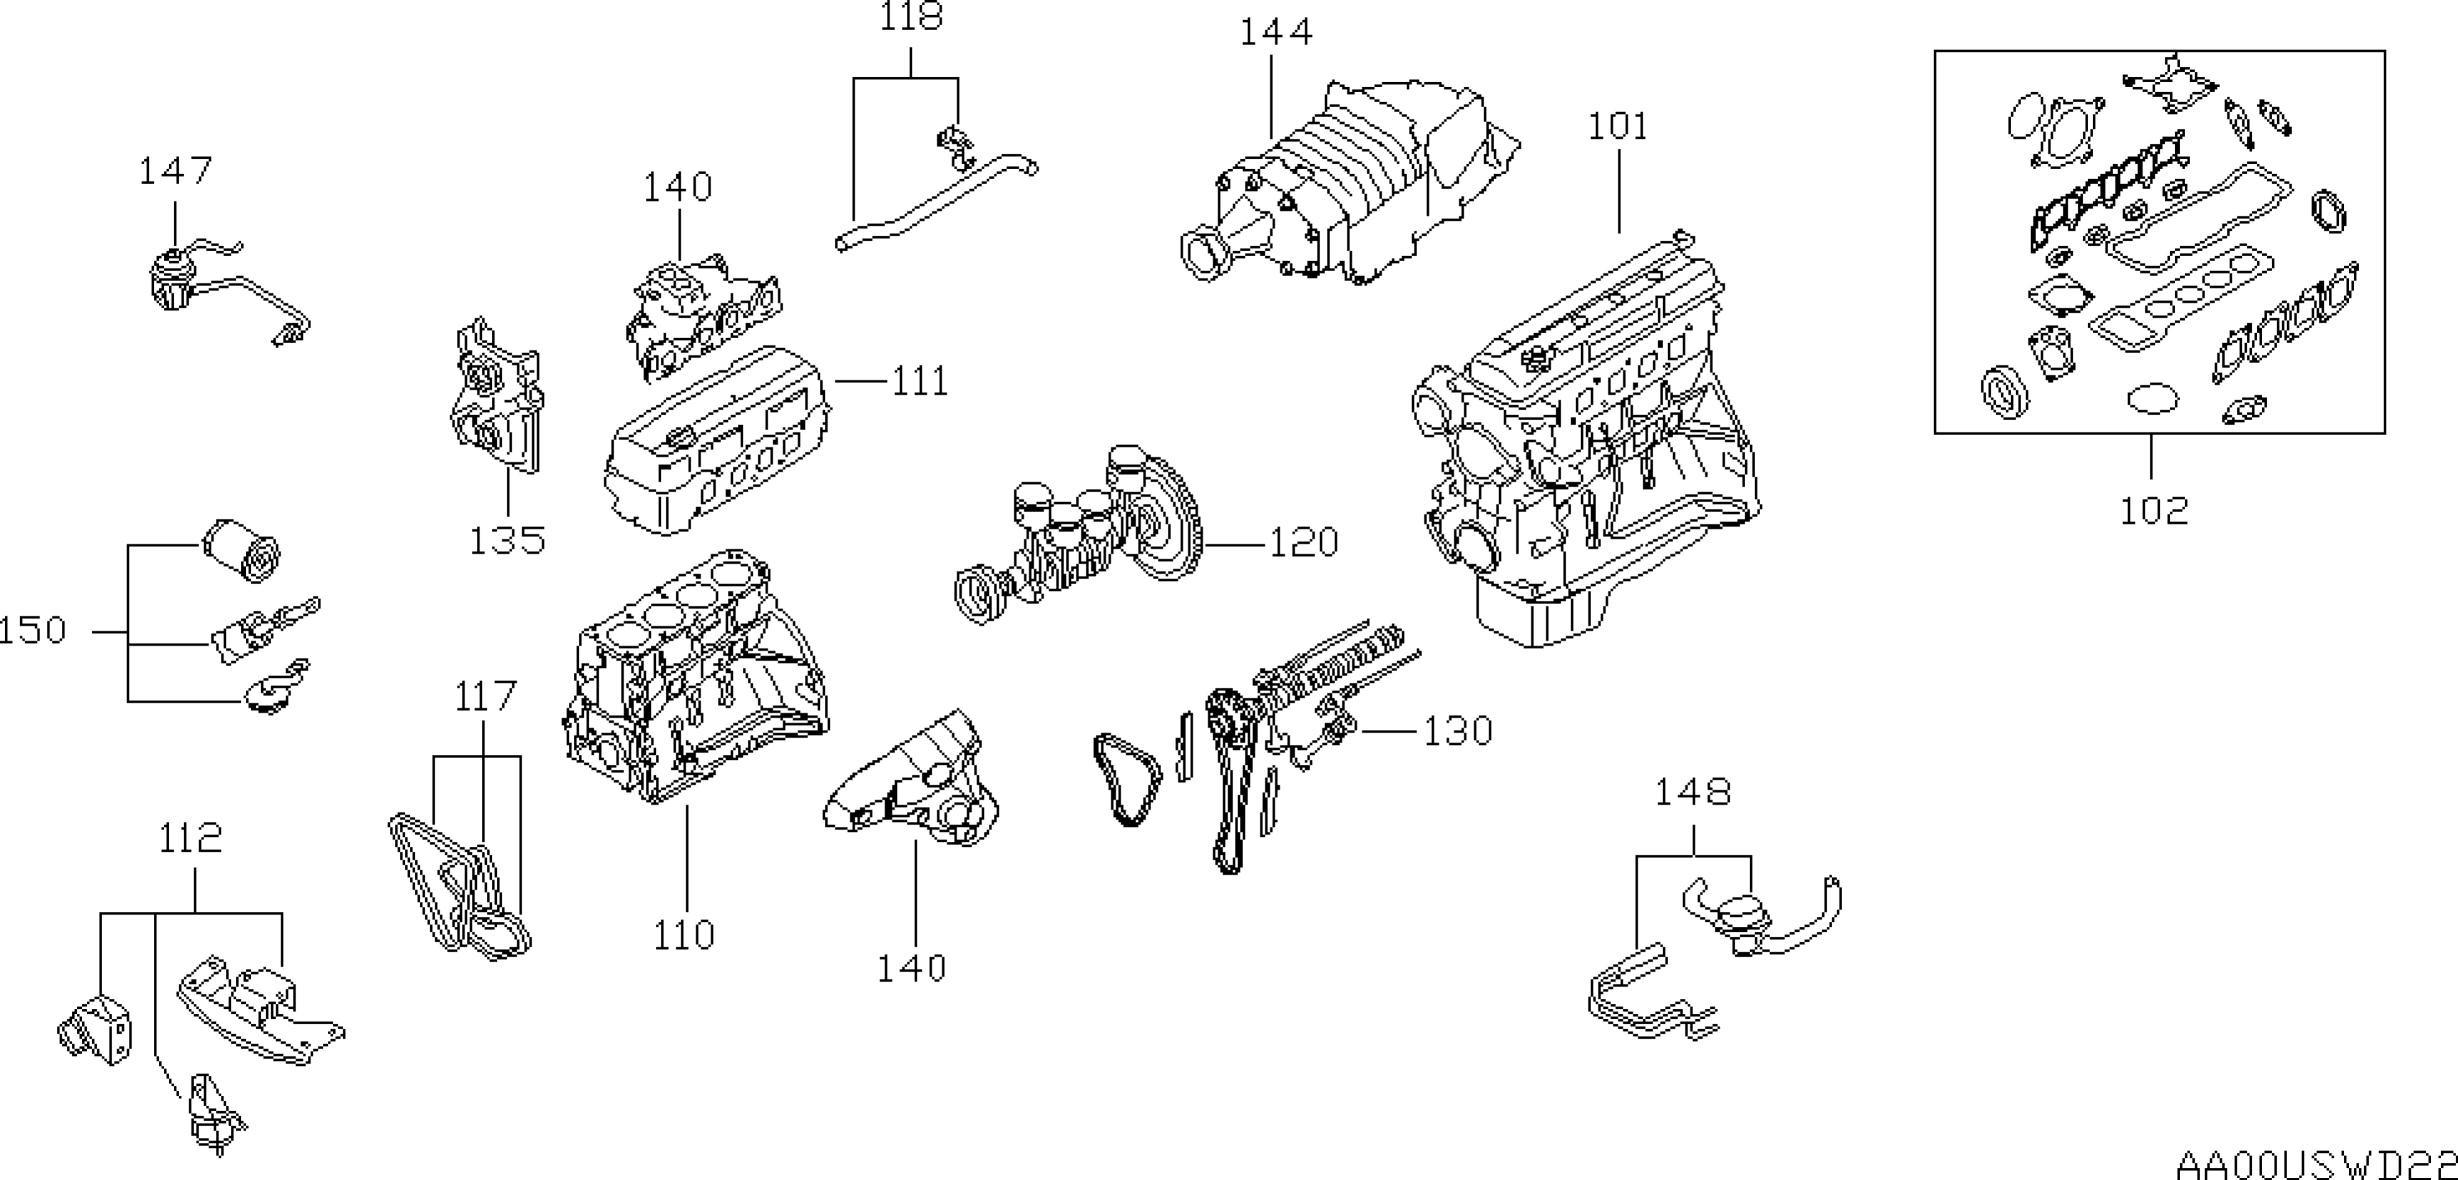 Nissan Xterra Engine Diagram 2002 Nissan Xterra Oem Parts Nissan Usa Estore Of Nissan Xterra Engine Diagram